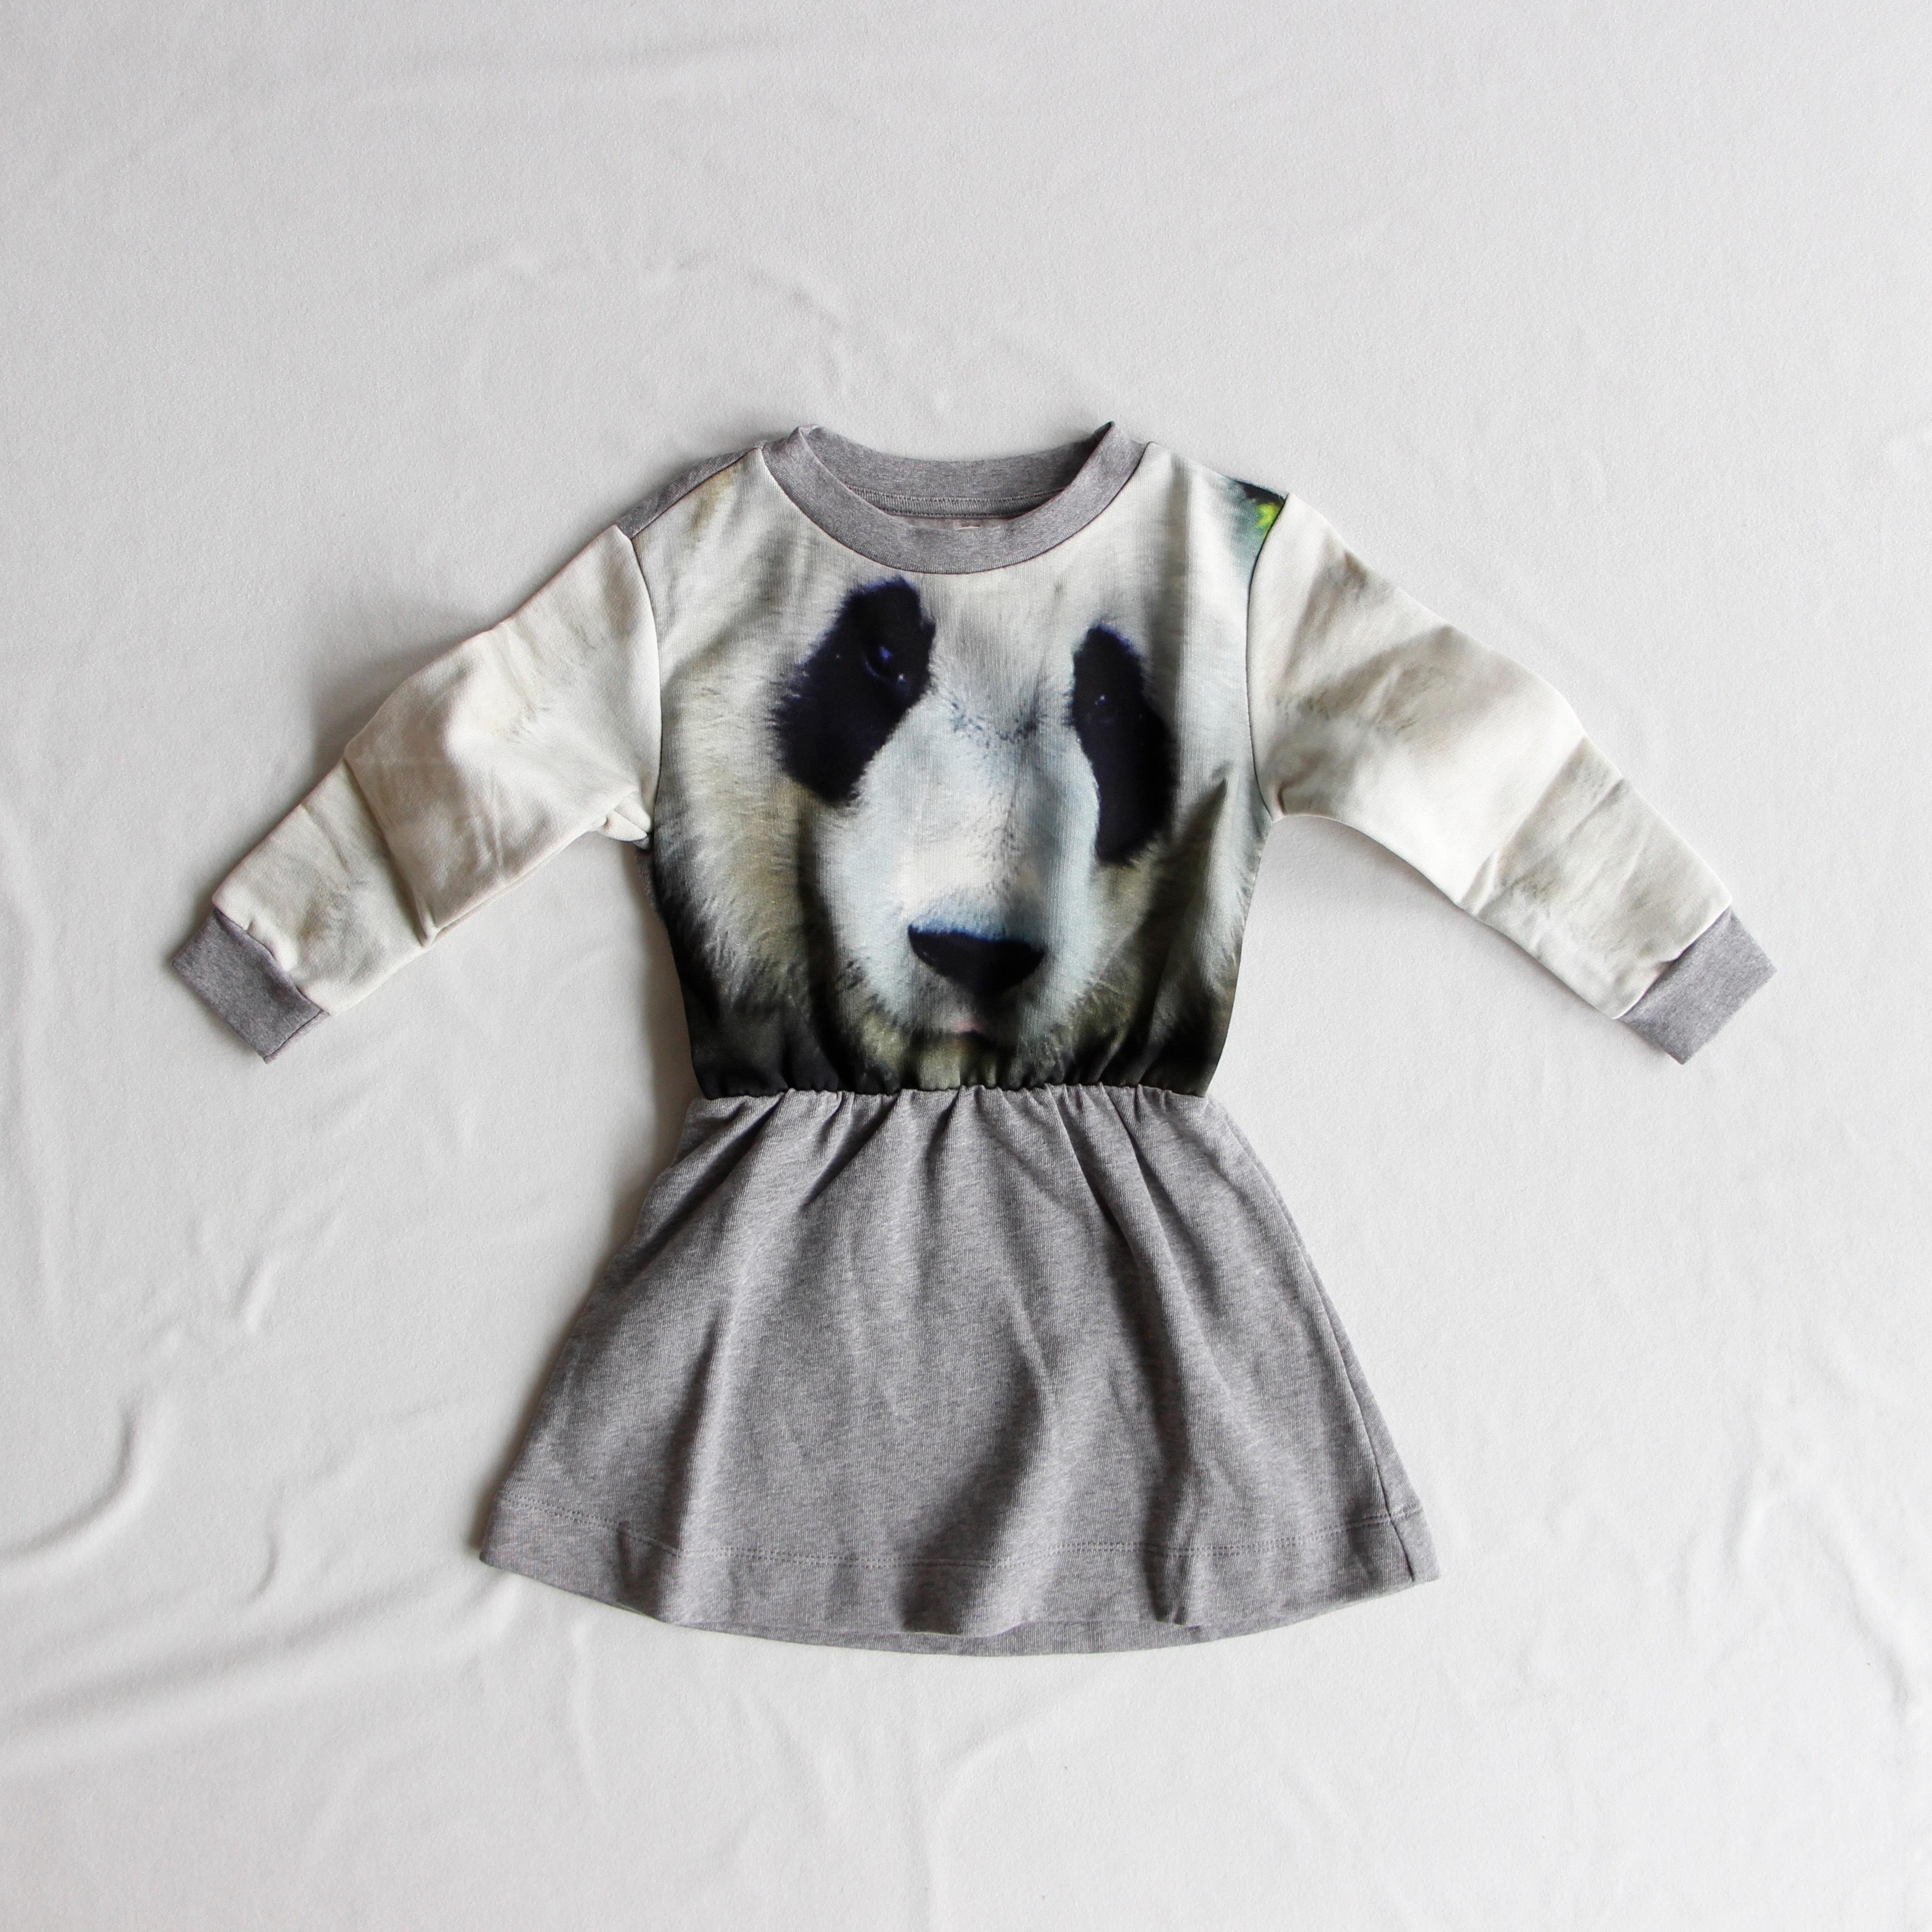 《POPUPSHOP 2015AW》LOOSE DRESS / panda / 2-3・3-4Y